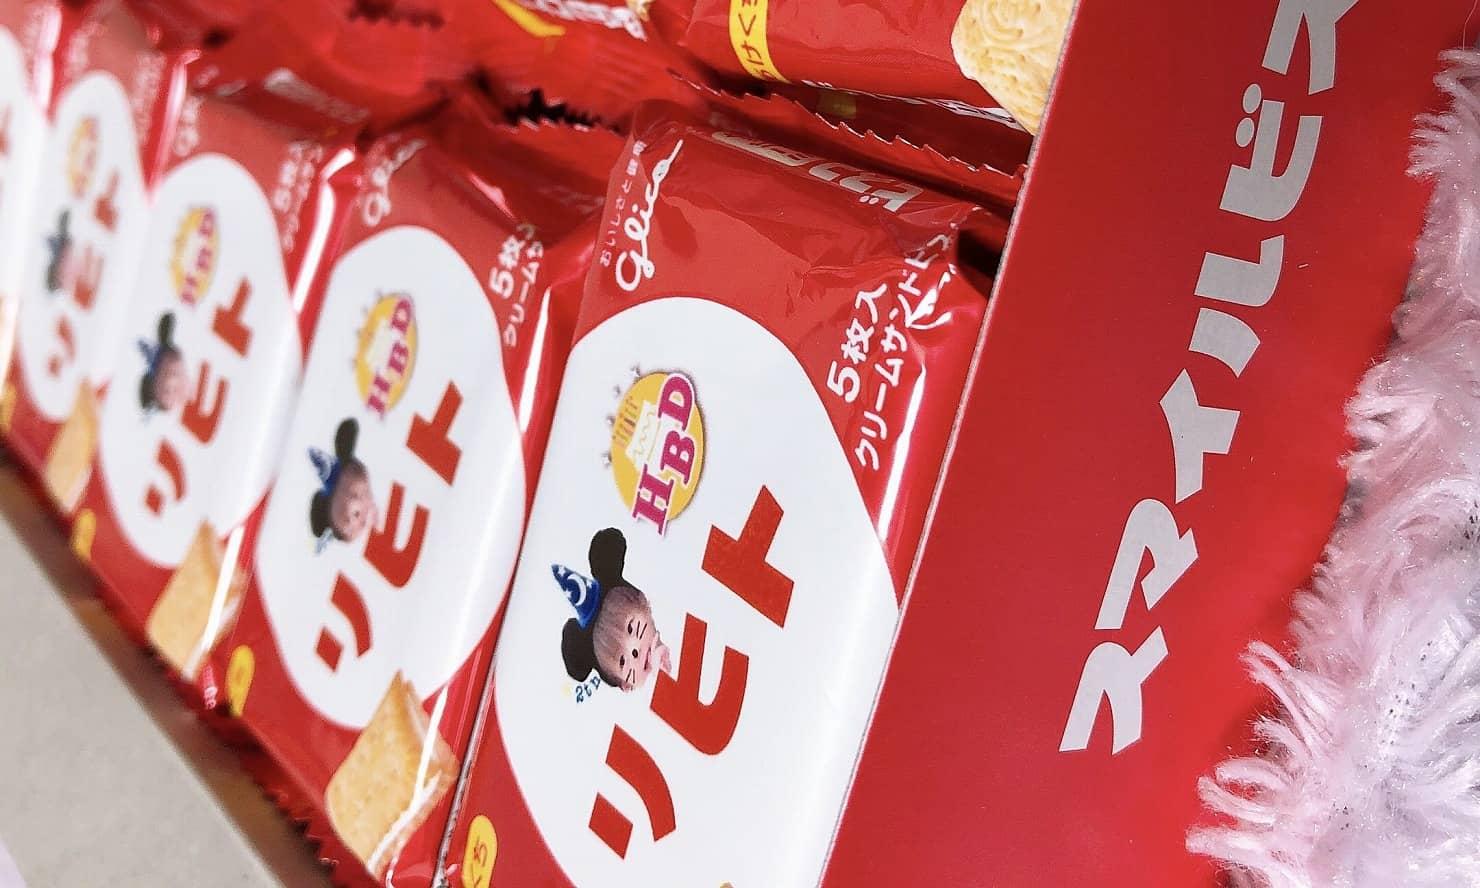 人気のオリジナルお菓子16選! 写真やメッセージをビスコなどのパッケージに入れて贈ろう